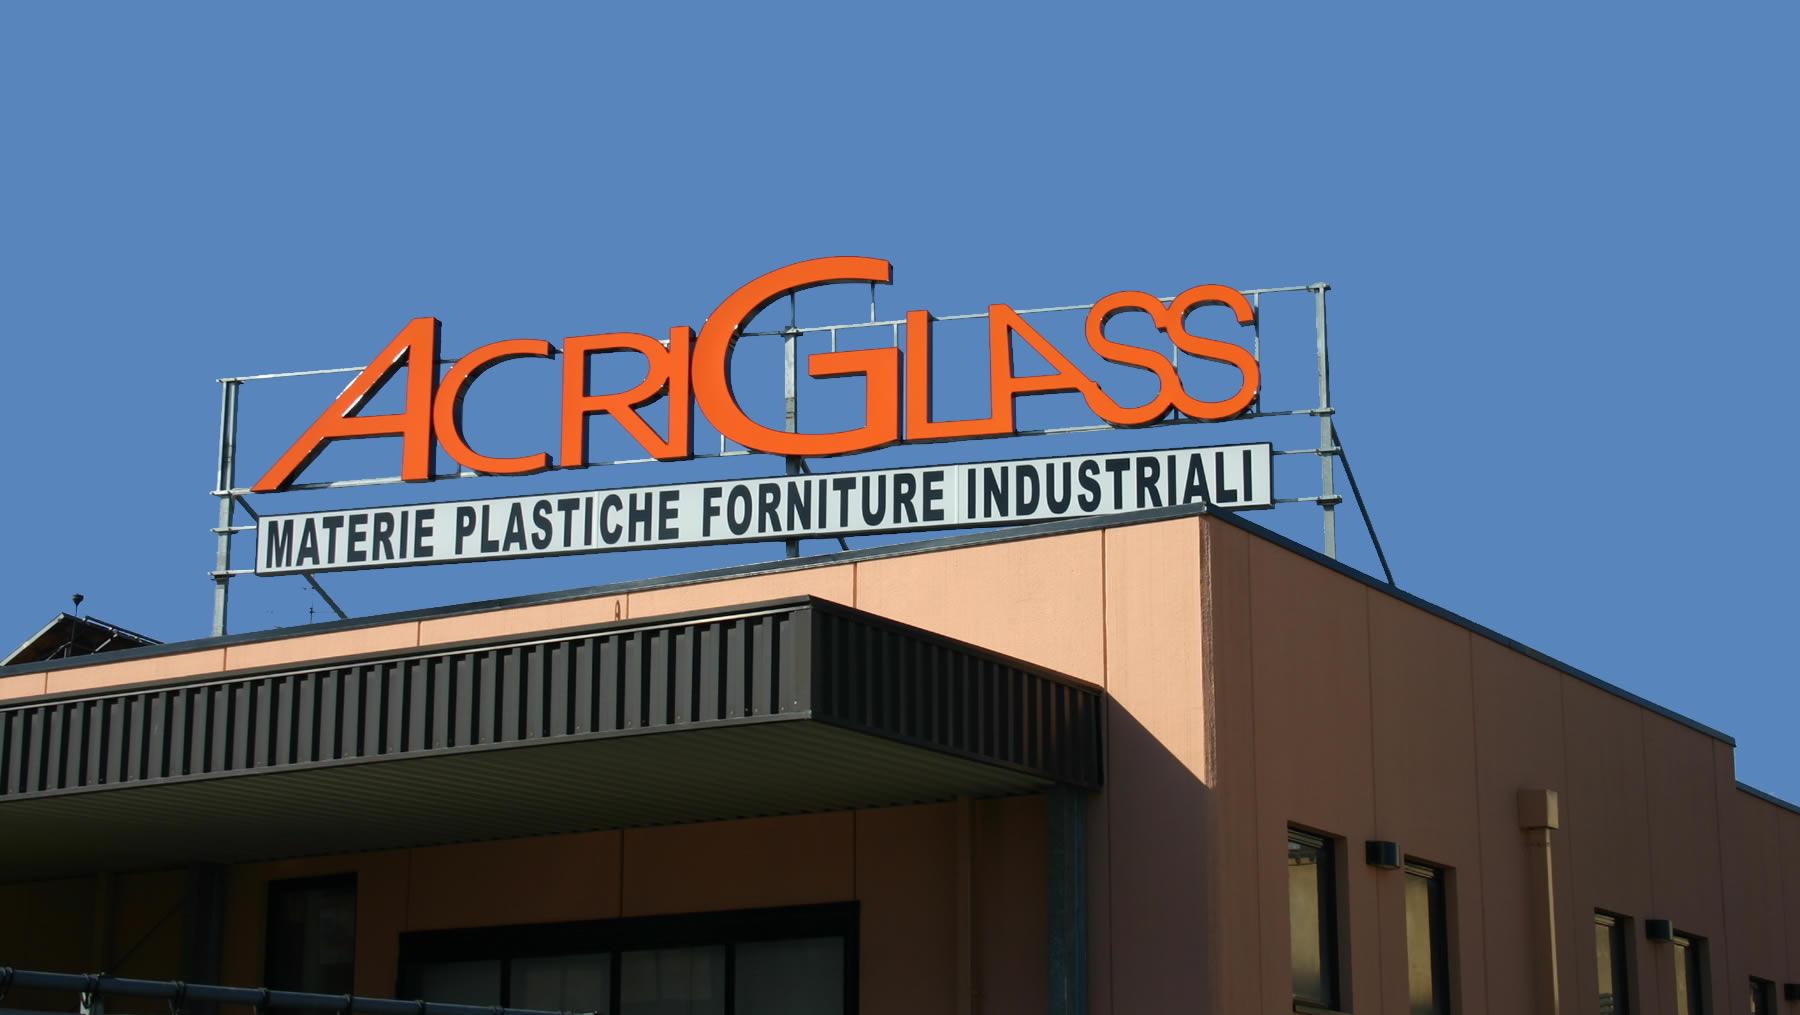 Nel nostro punto vendita, aperto al pubblico, potrete acquistare direttamente tutte le materie plastiche, una vastissima gamma di forniture industriali, articoli tecnici e gomma.